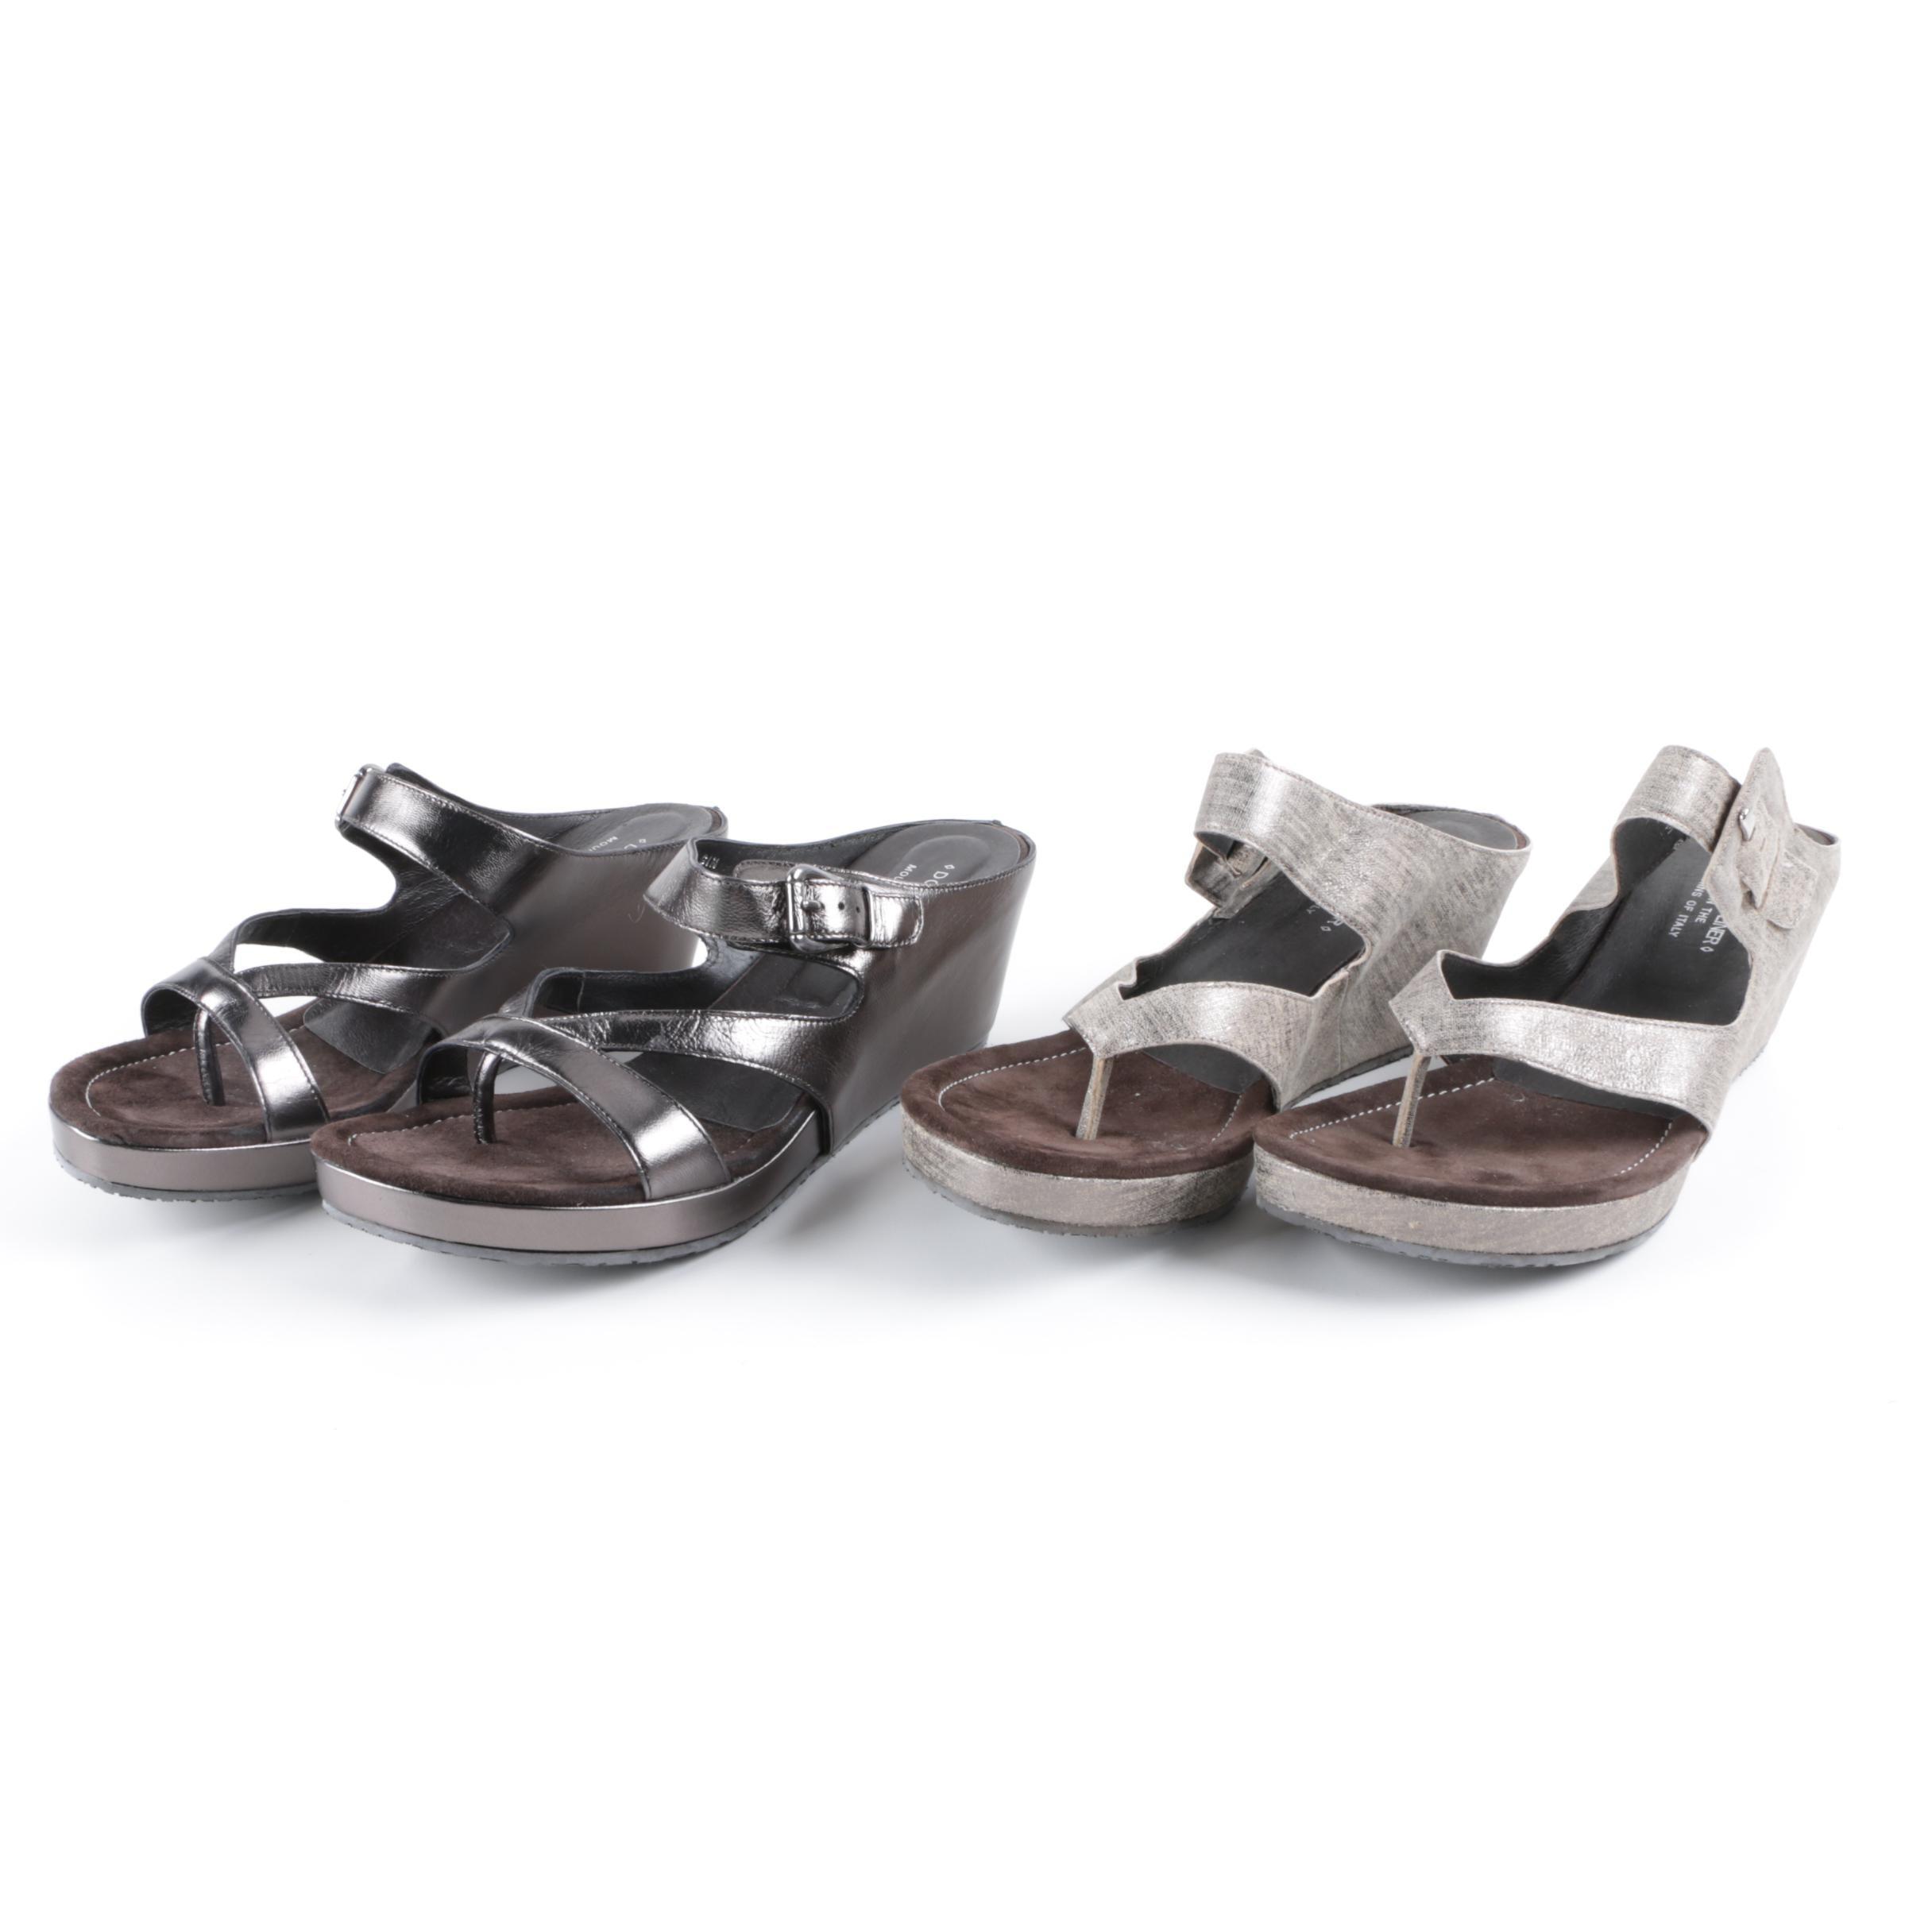 Women's Donald J. Pliner Metallic Wedge Sandals